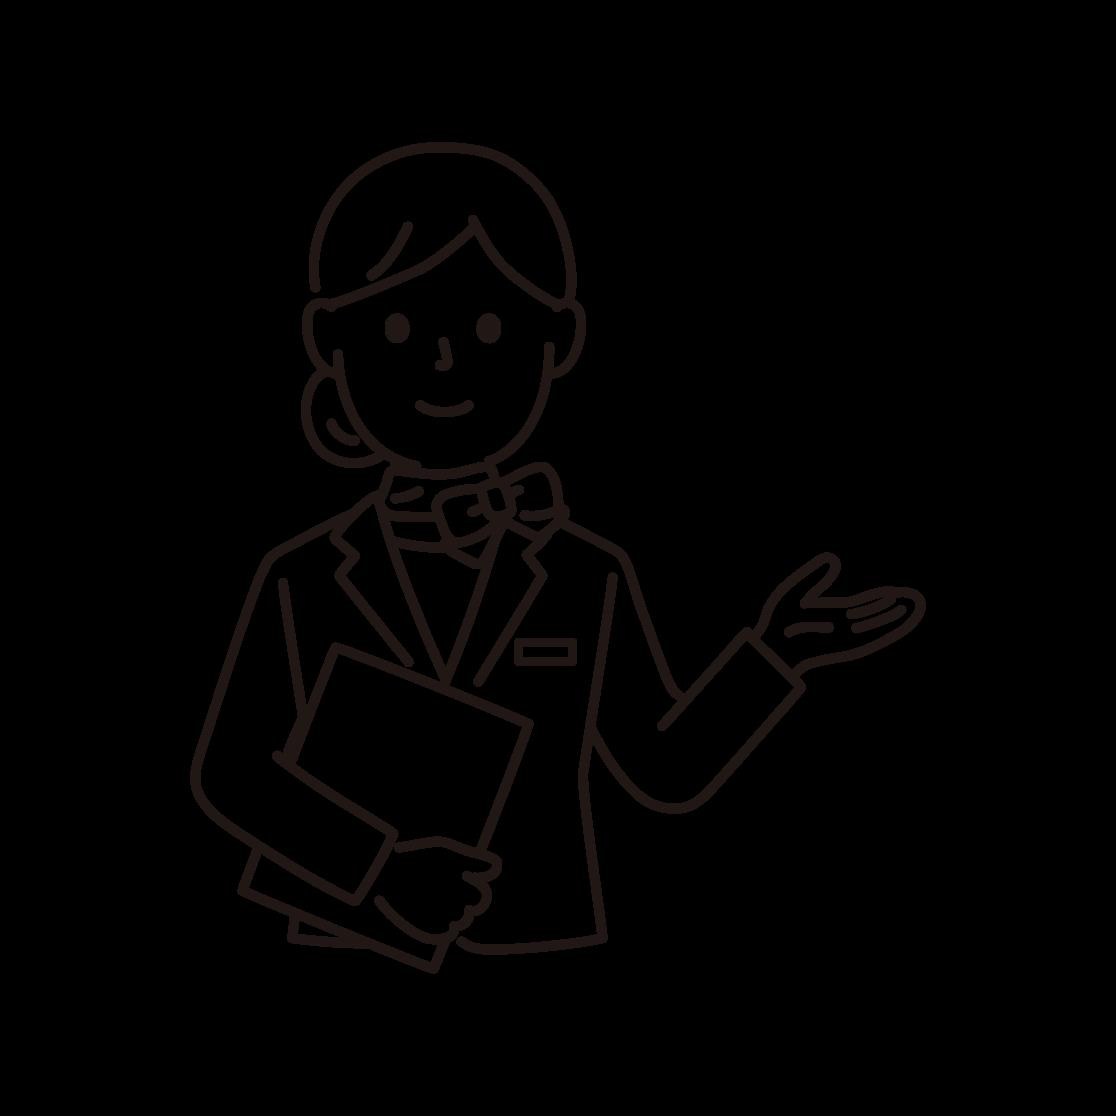 ウェディングプランナー(女性)の線画イラスト